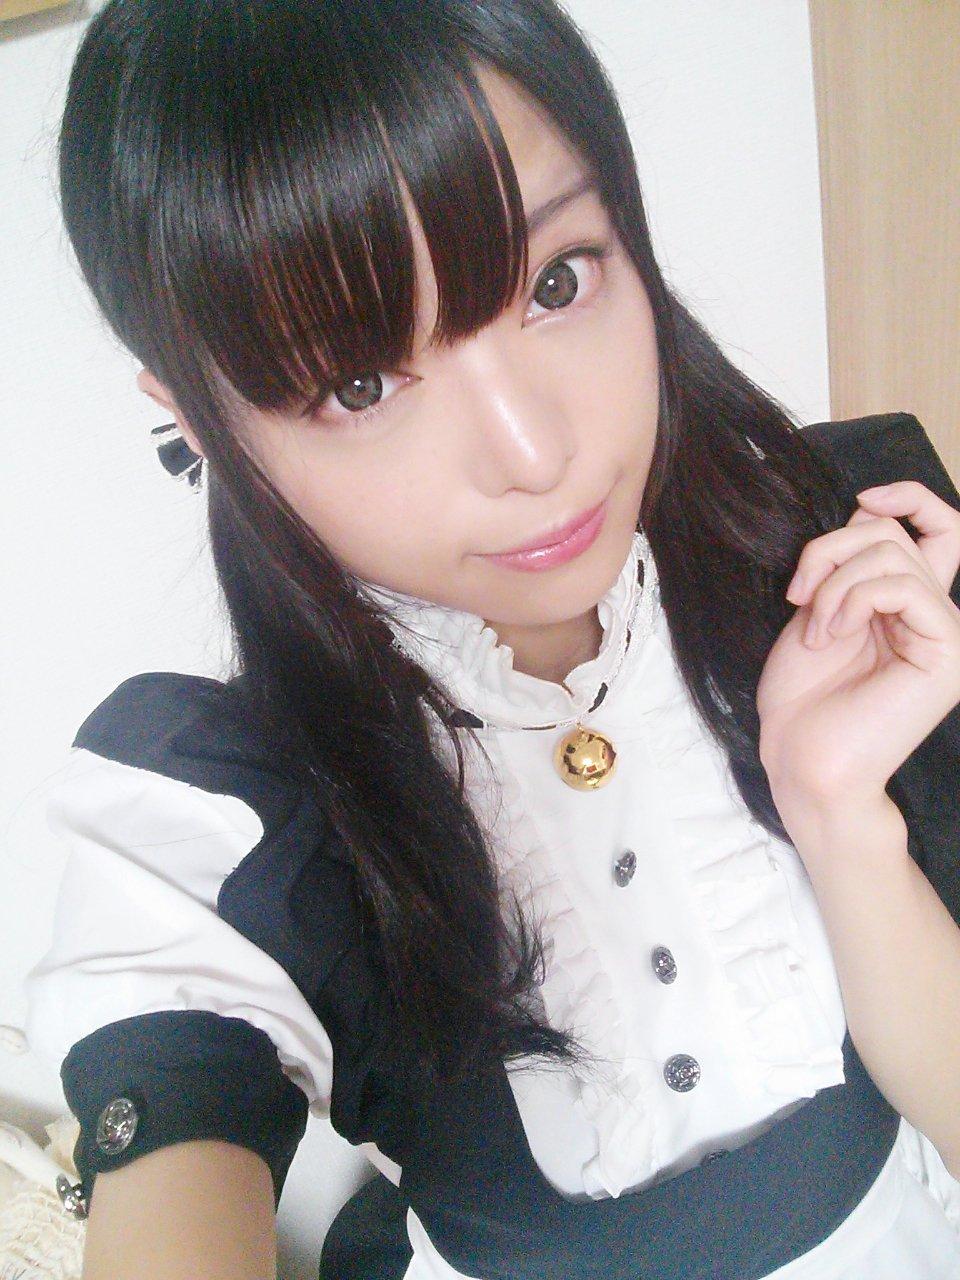 めう☆。+ちゃんの2014/10/20 (月) 04:06のブログ